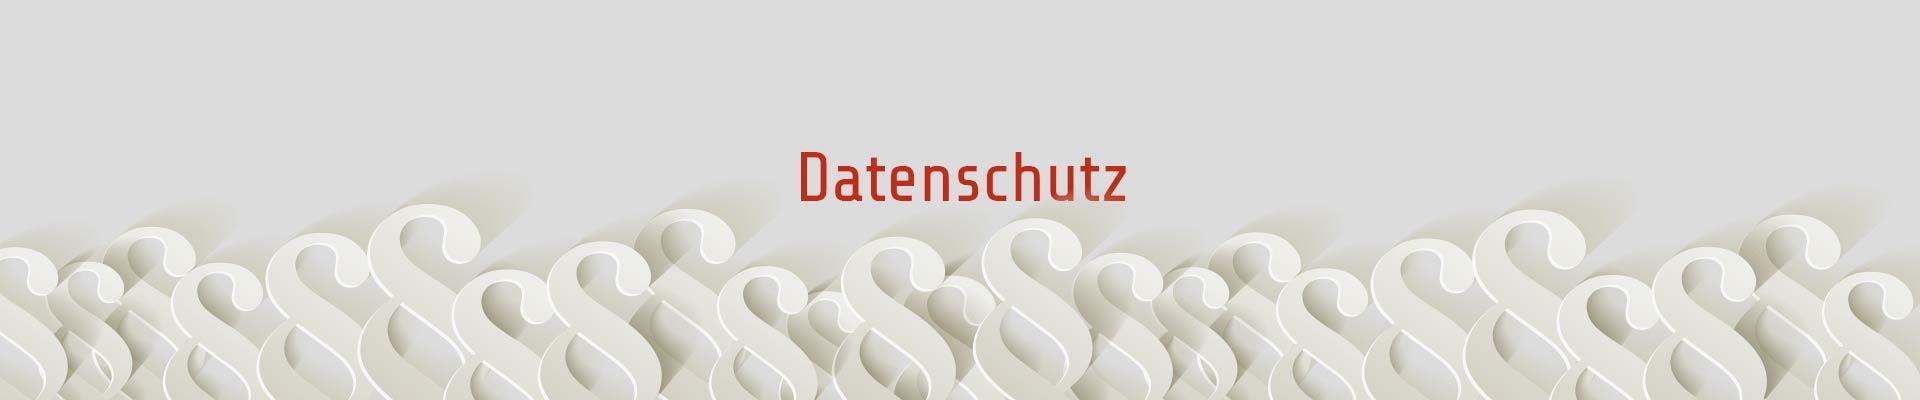 Stenzel Werkzeugtechnik | Datenschutz